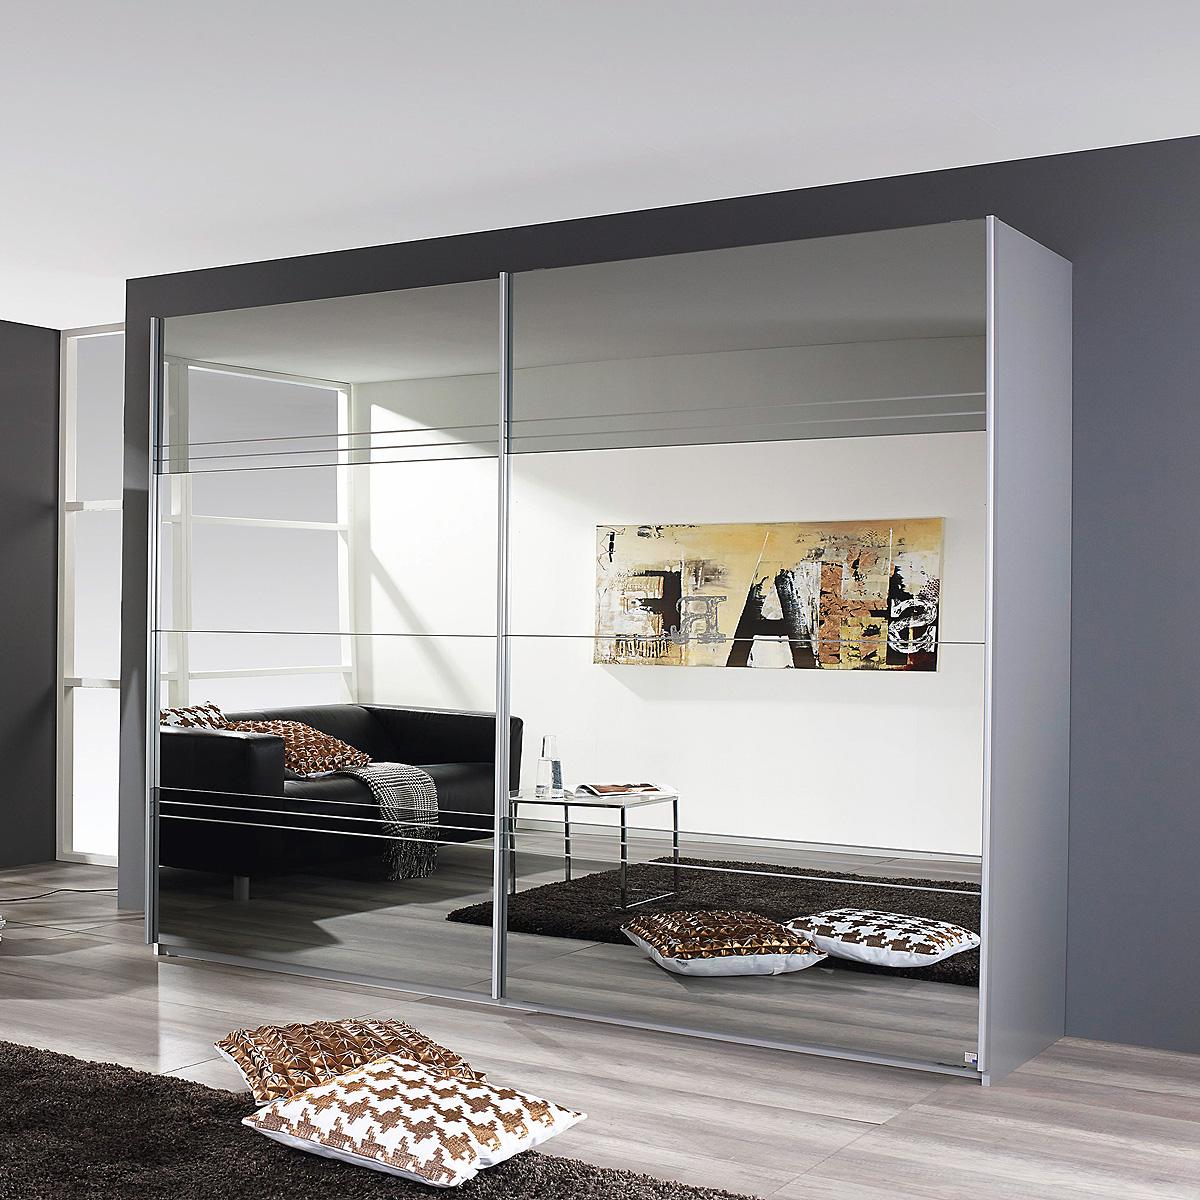 schwebet renschrank koblenz kleiderschrank in alu geb rstet spiegel auswahl ebay. Black Bedroom Furniture Sets. Home Design Ideas